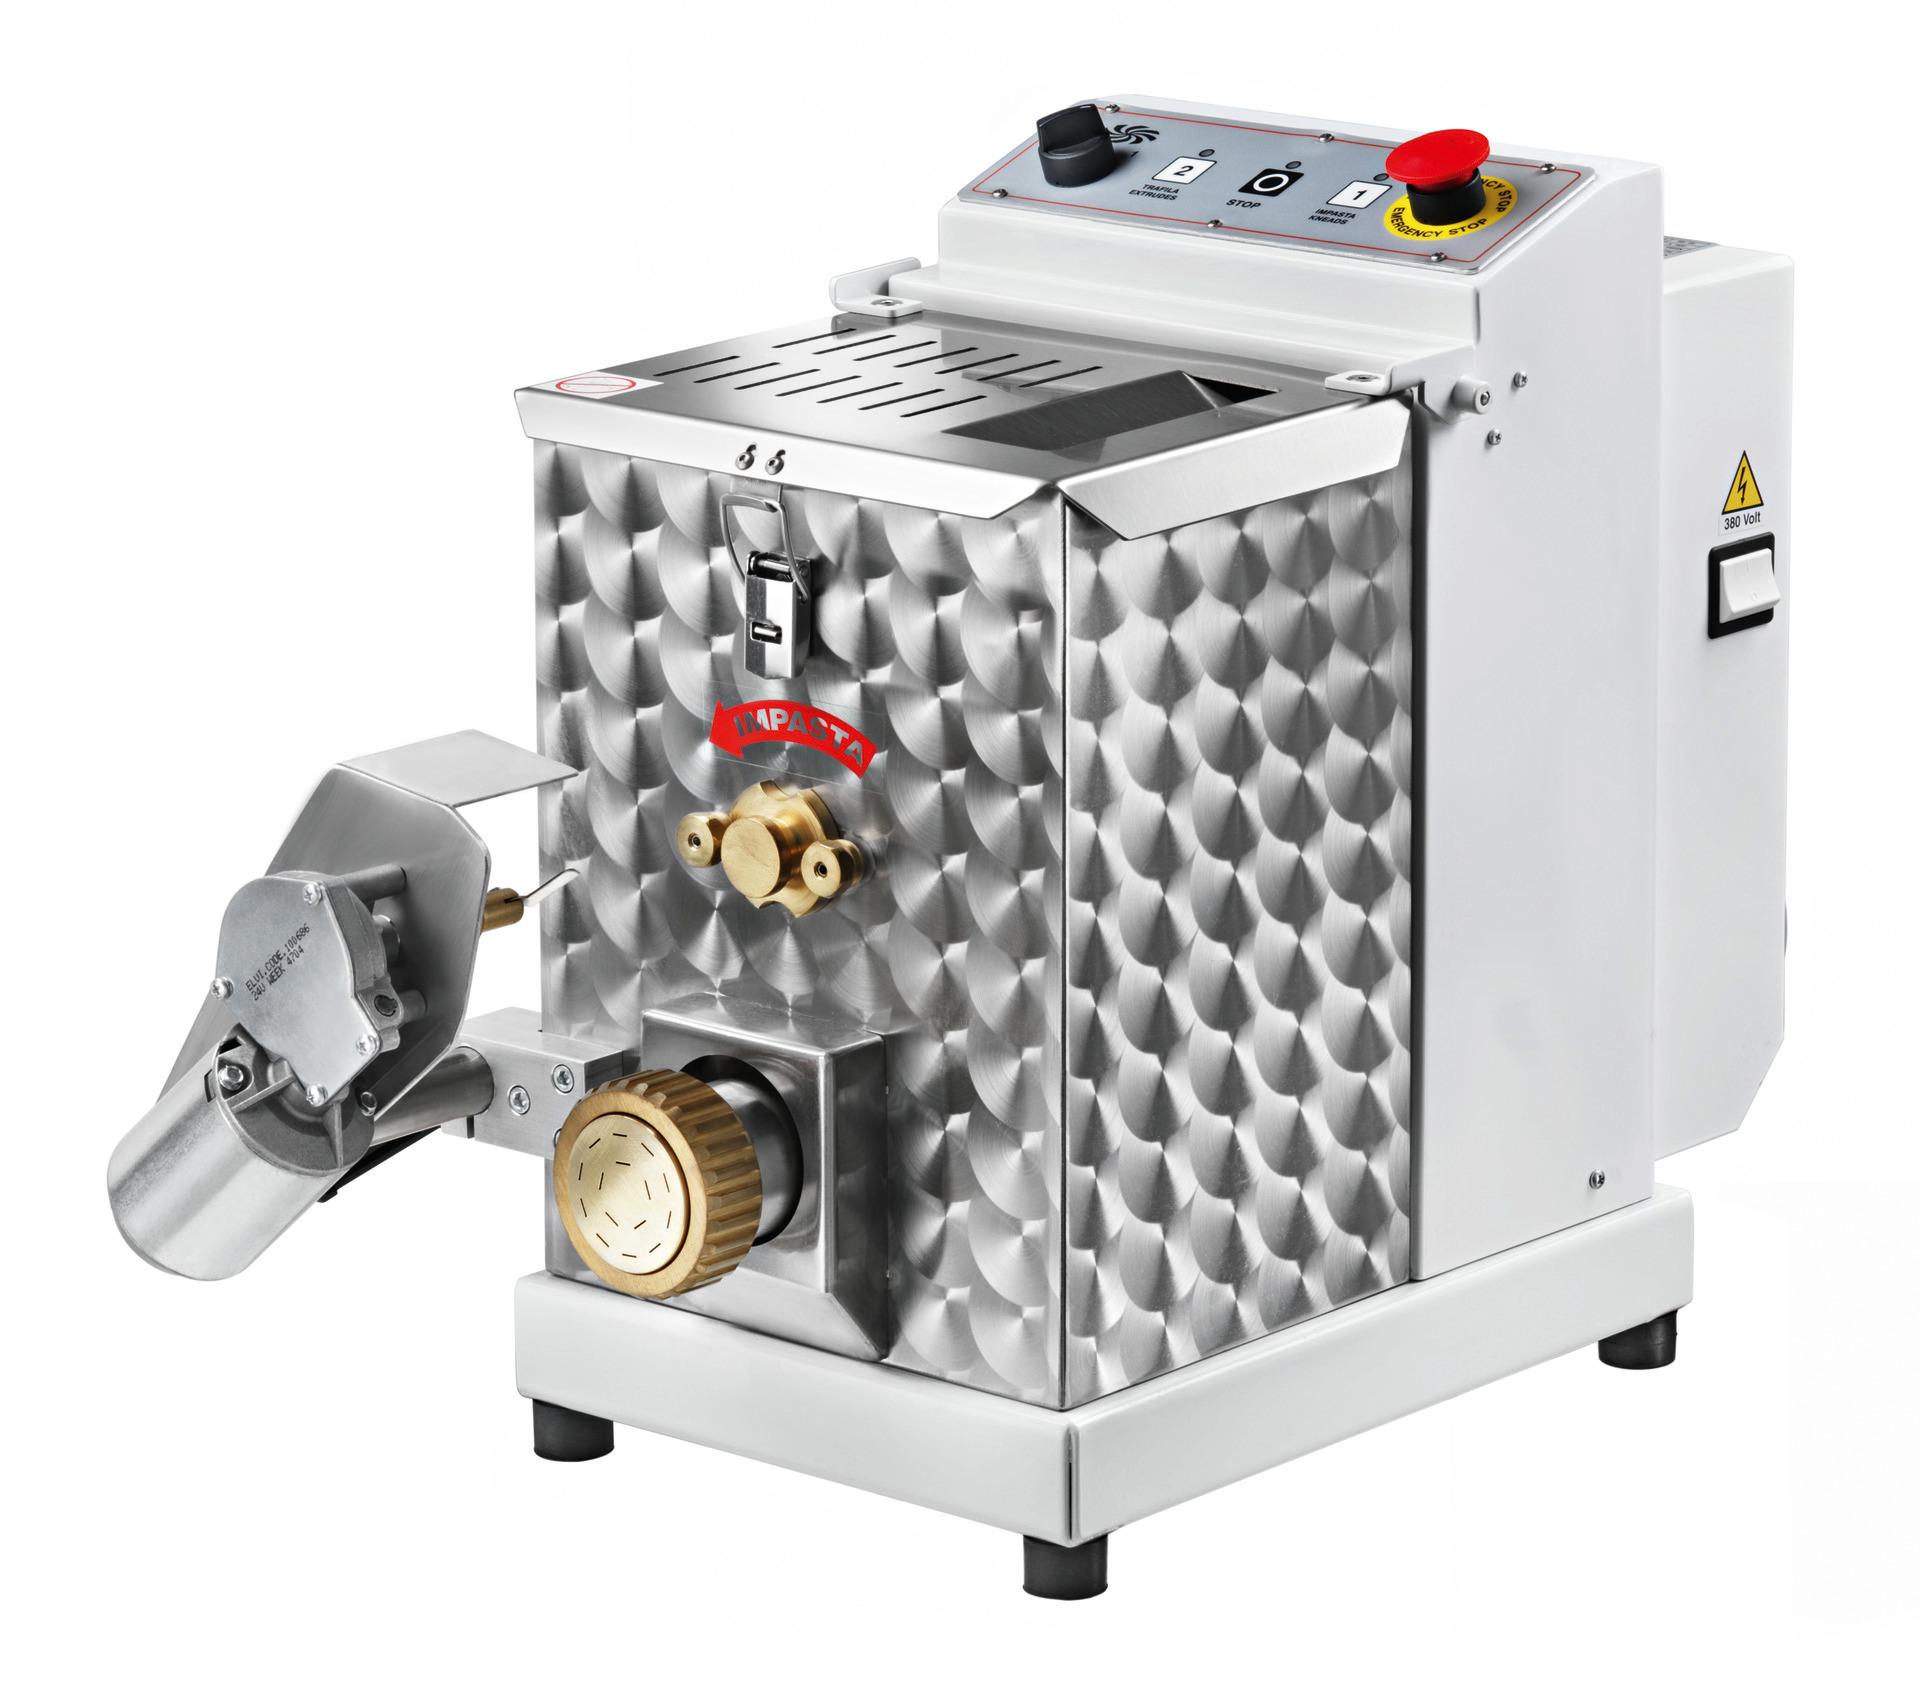 Nudelmaschine 4 kg mit Nudelschneider 350 x 760 x 640 mm